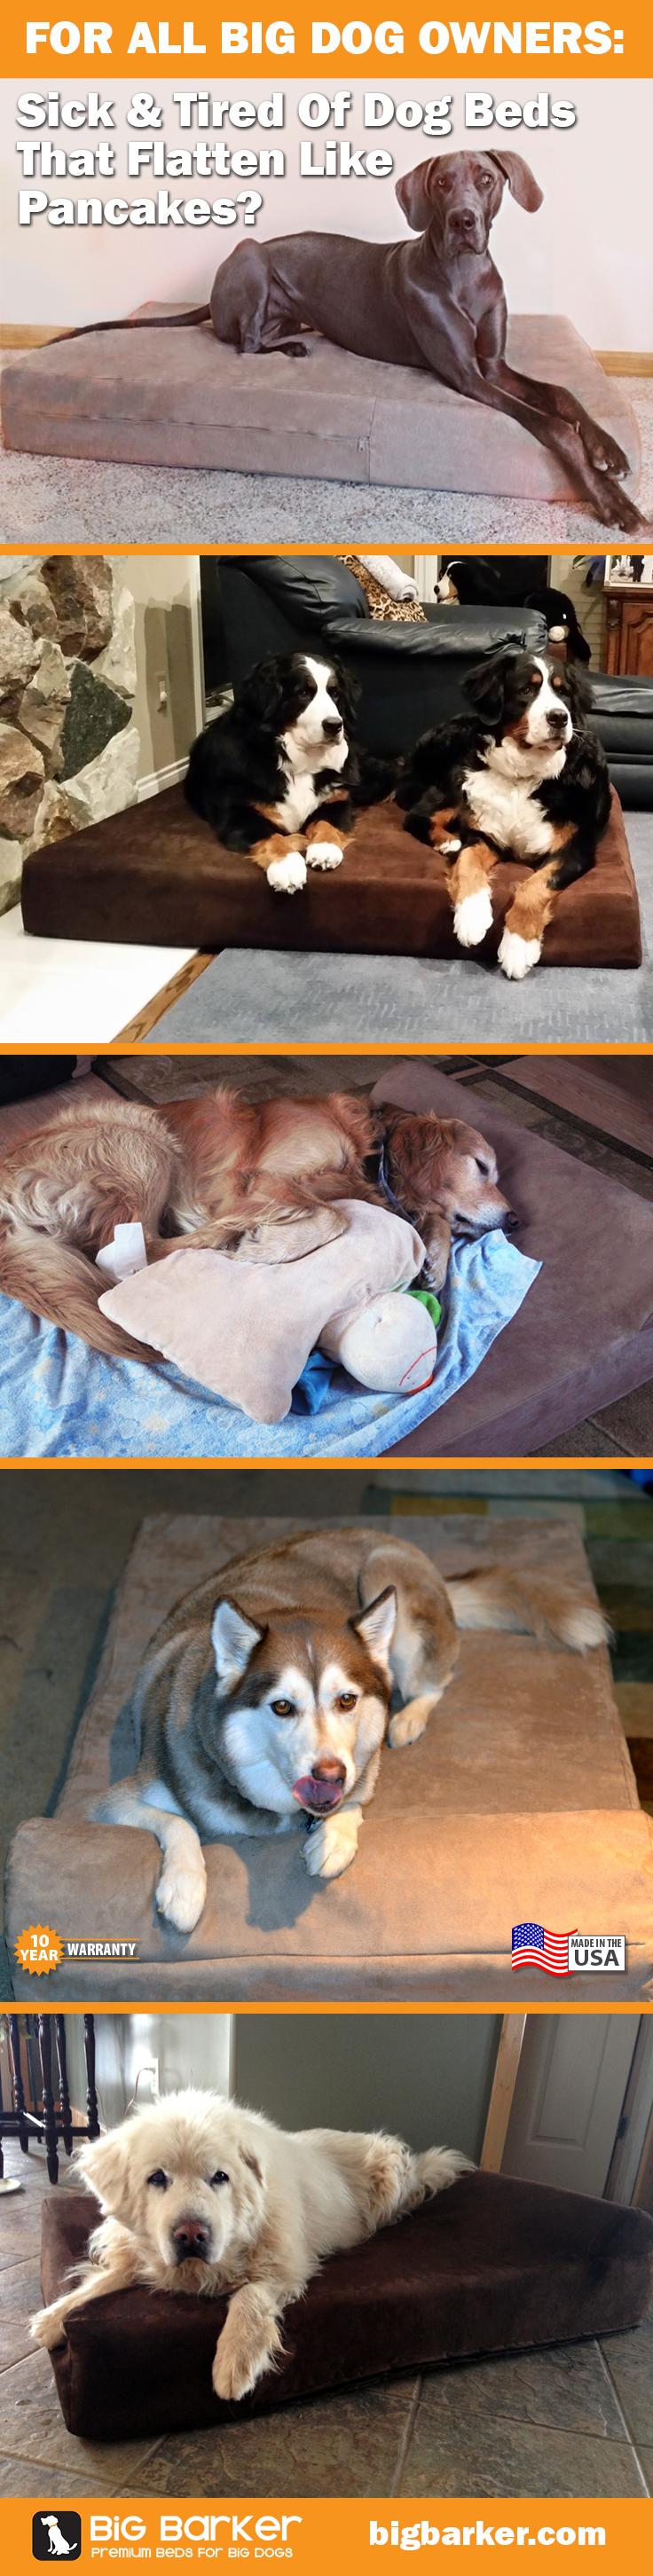 Orthopedic dog beds for large u extra large dogs dogs pinterest